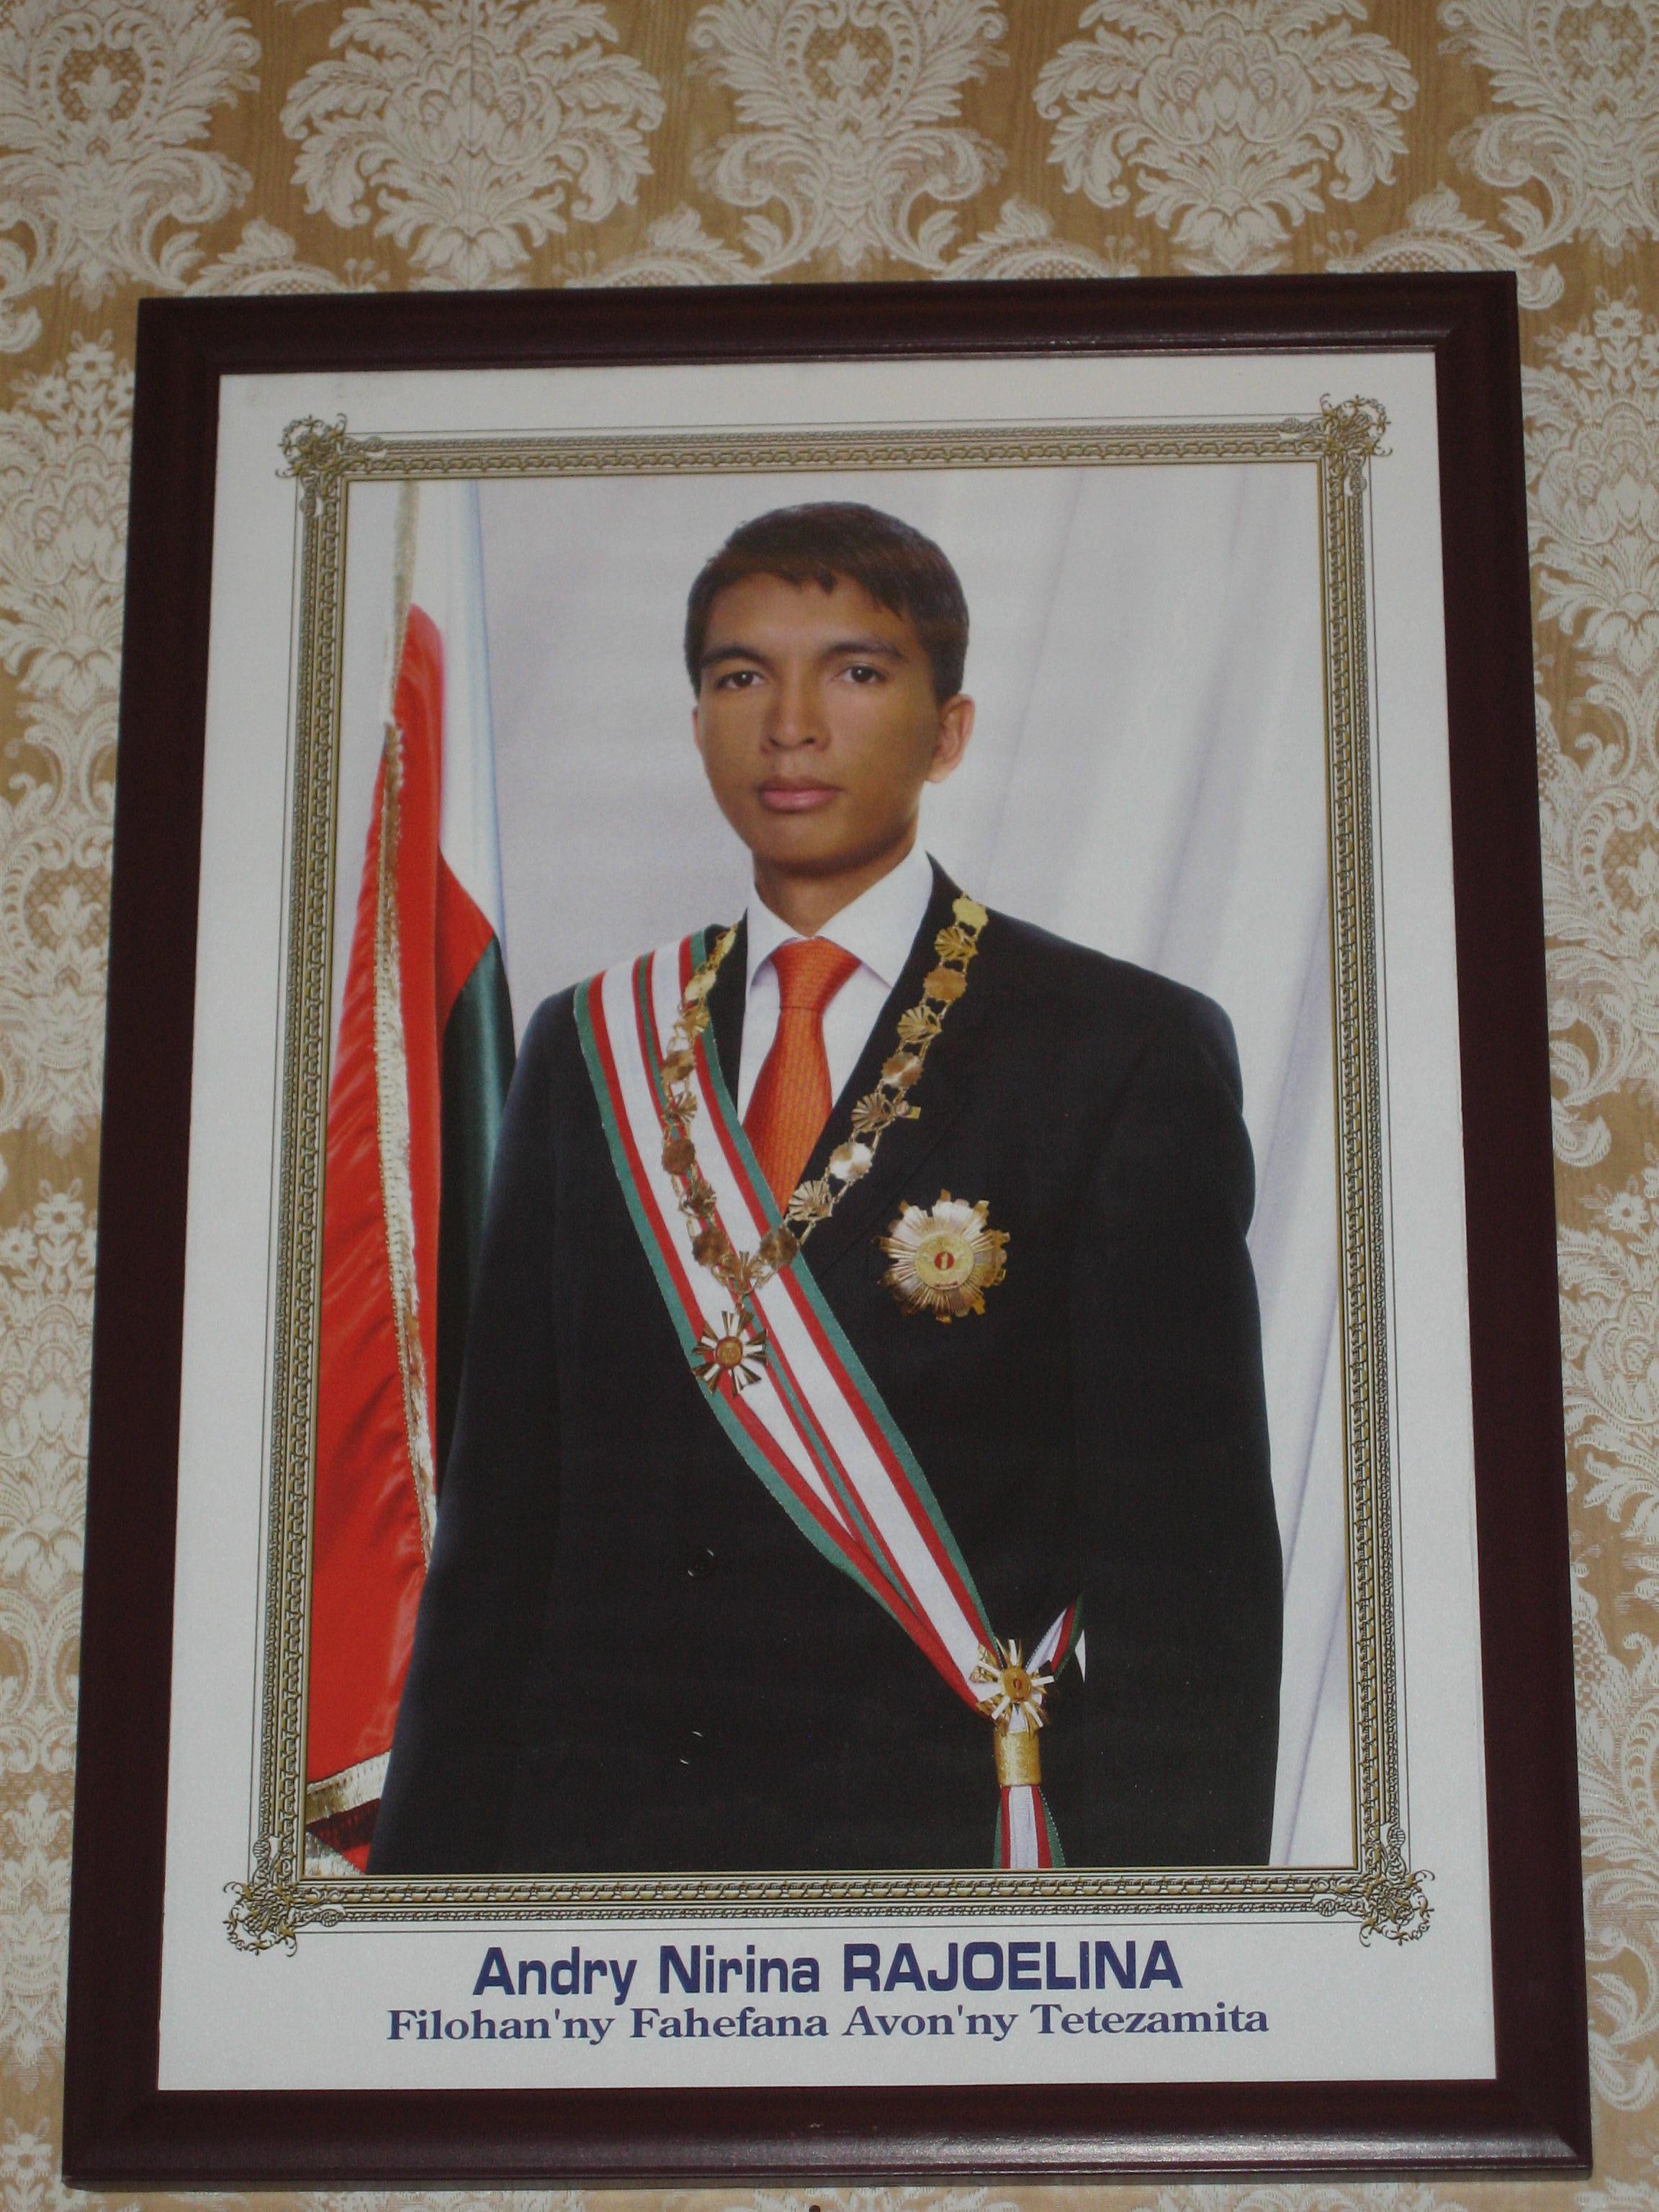 """<span  class=""""uc_style_uc_tiles_grid_image_elementor_uc_items_attribute_title"""" style=""""color:#ffffff;"""">Andry Rajoelina, président de la République de Madagascar</span>"""